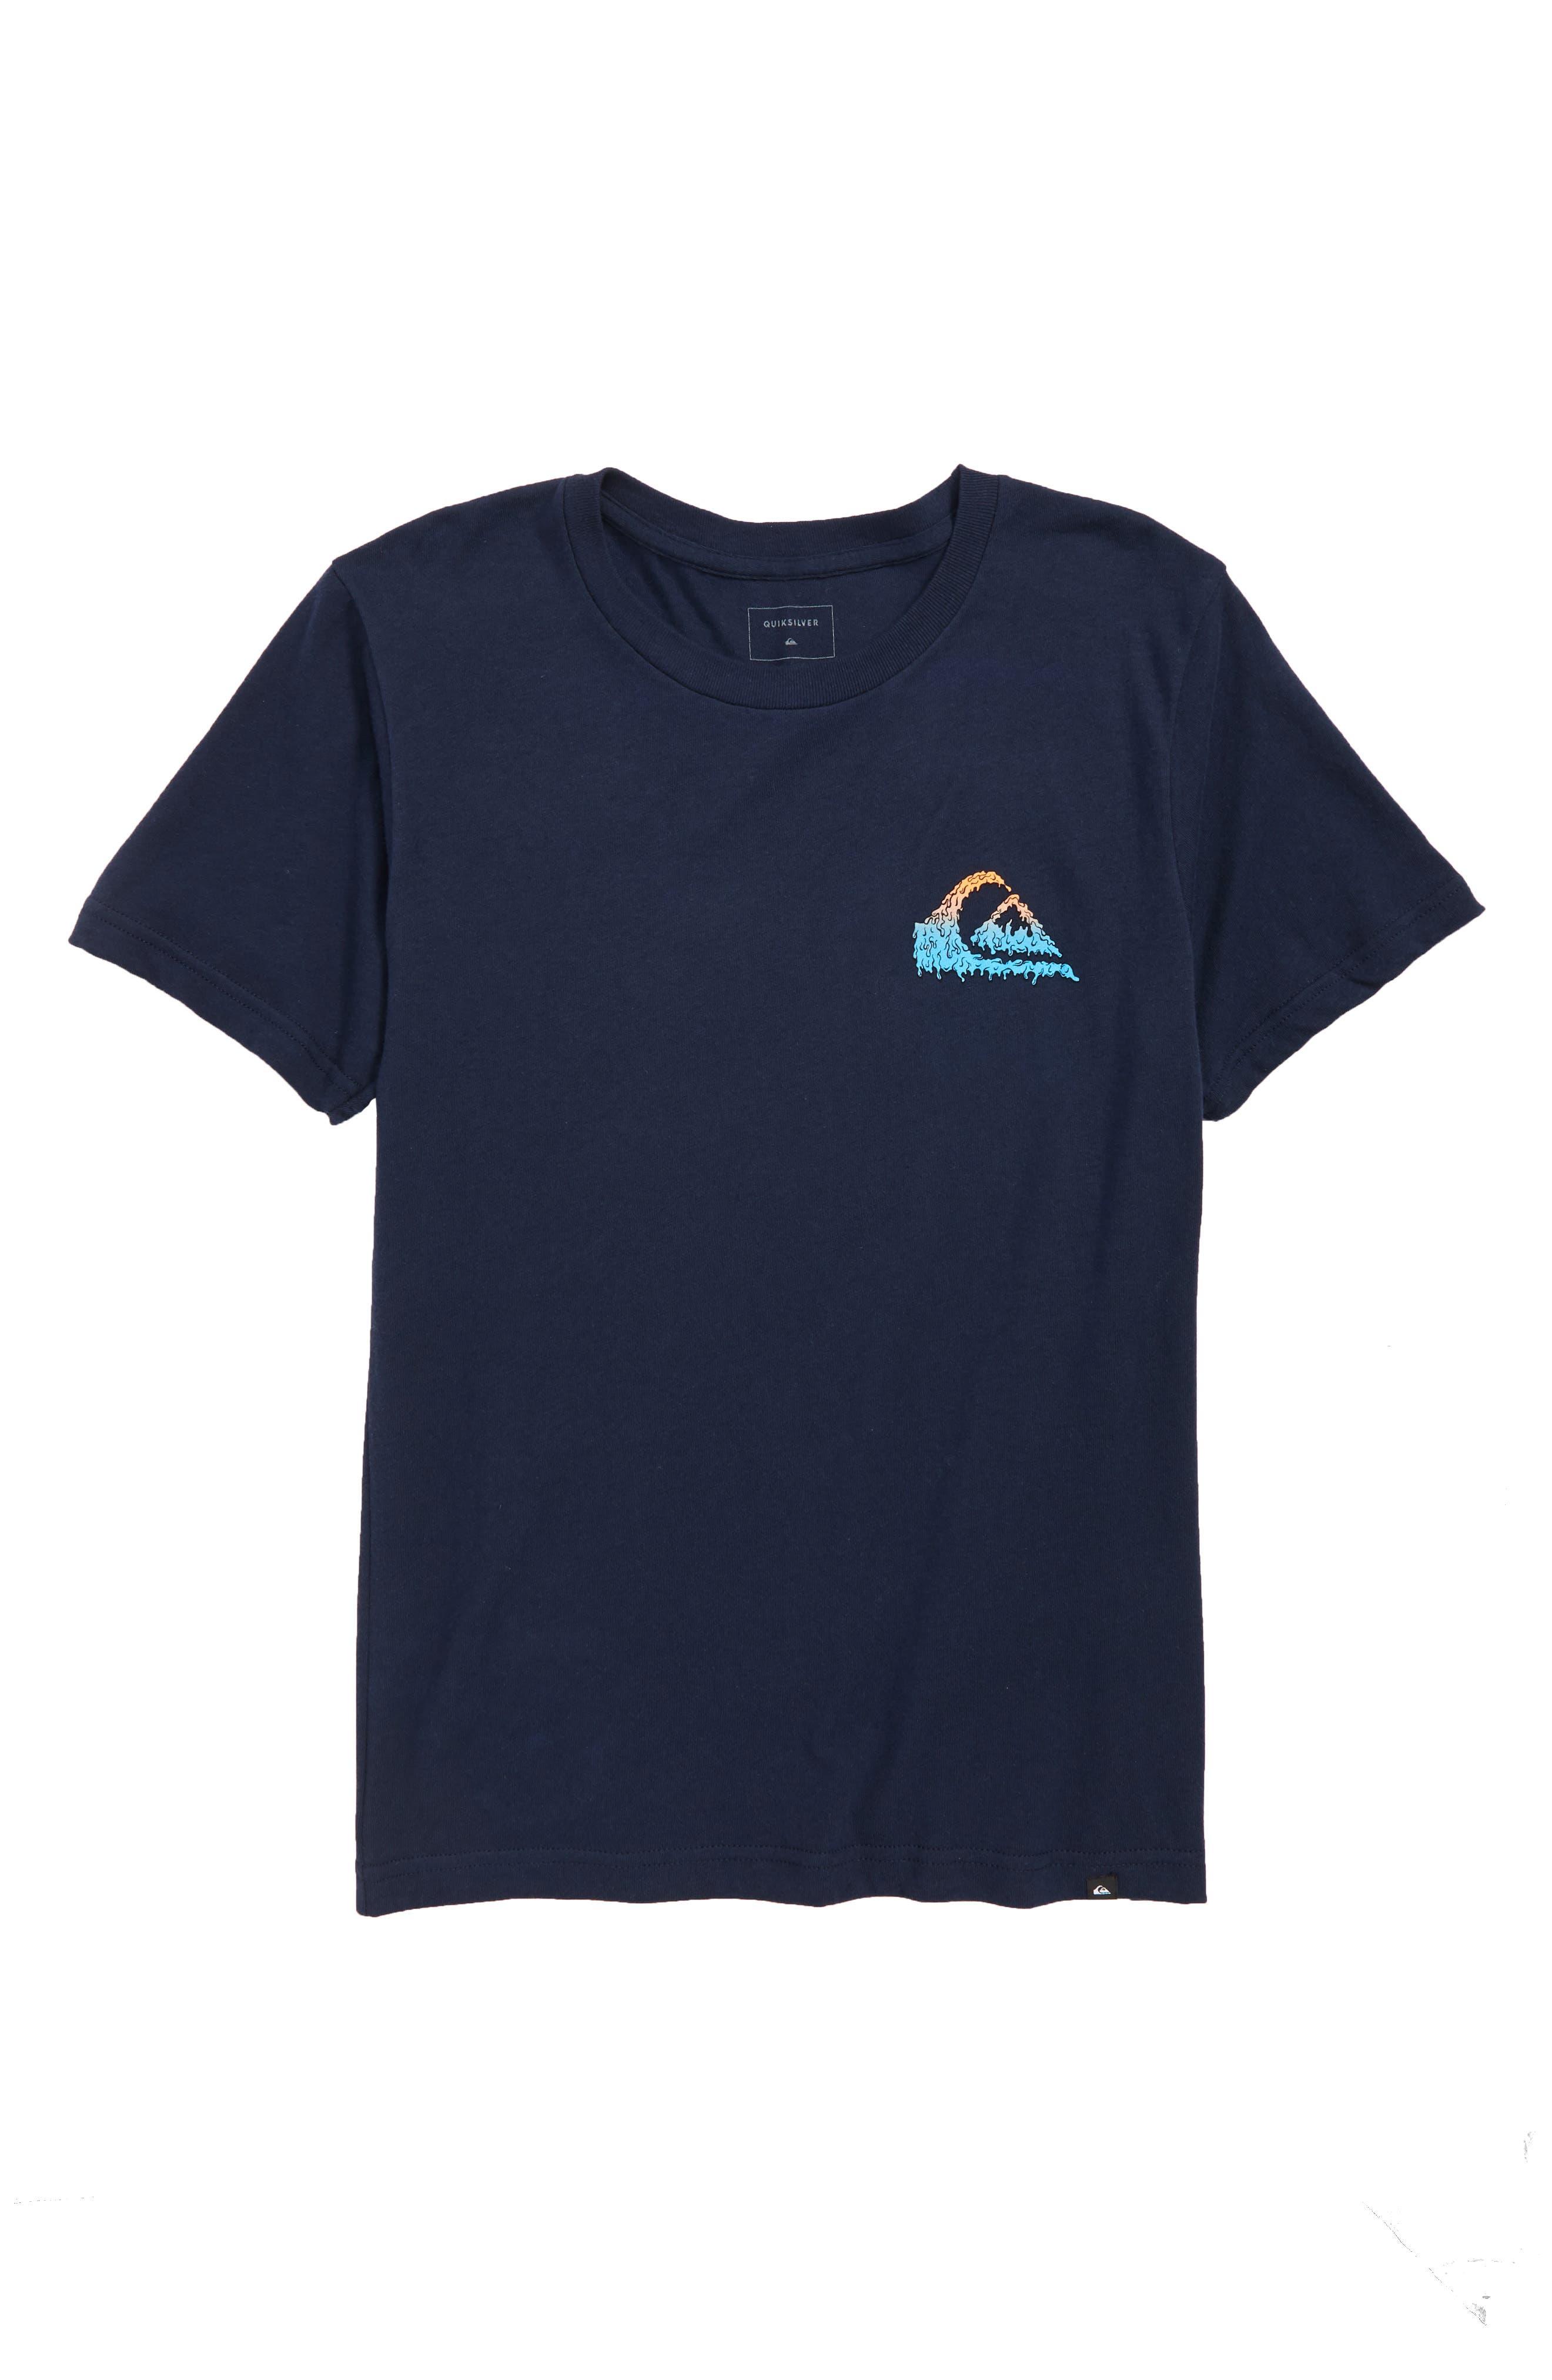 Quicksilver Gloss Varnish Short Sleeve T-Shirt,                             Main thumbnail 1, color,                             410